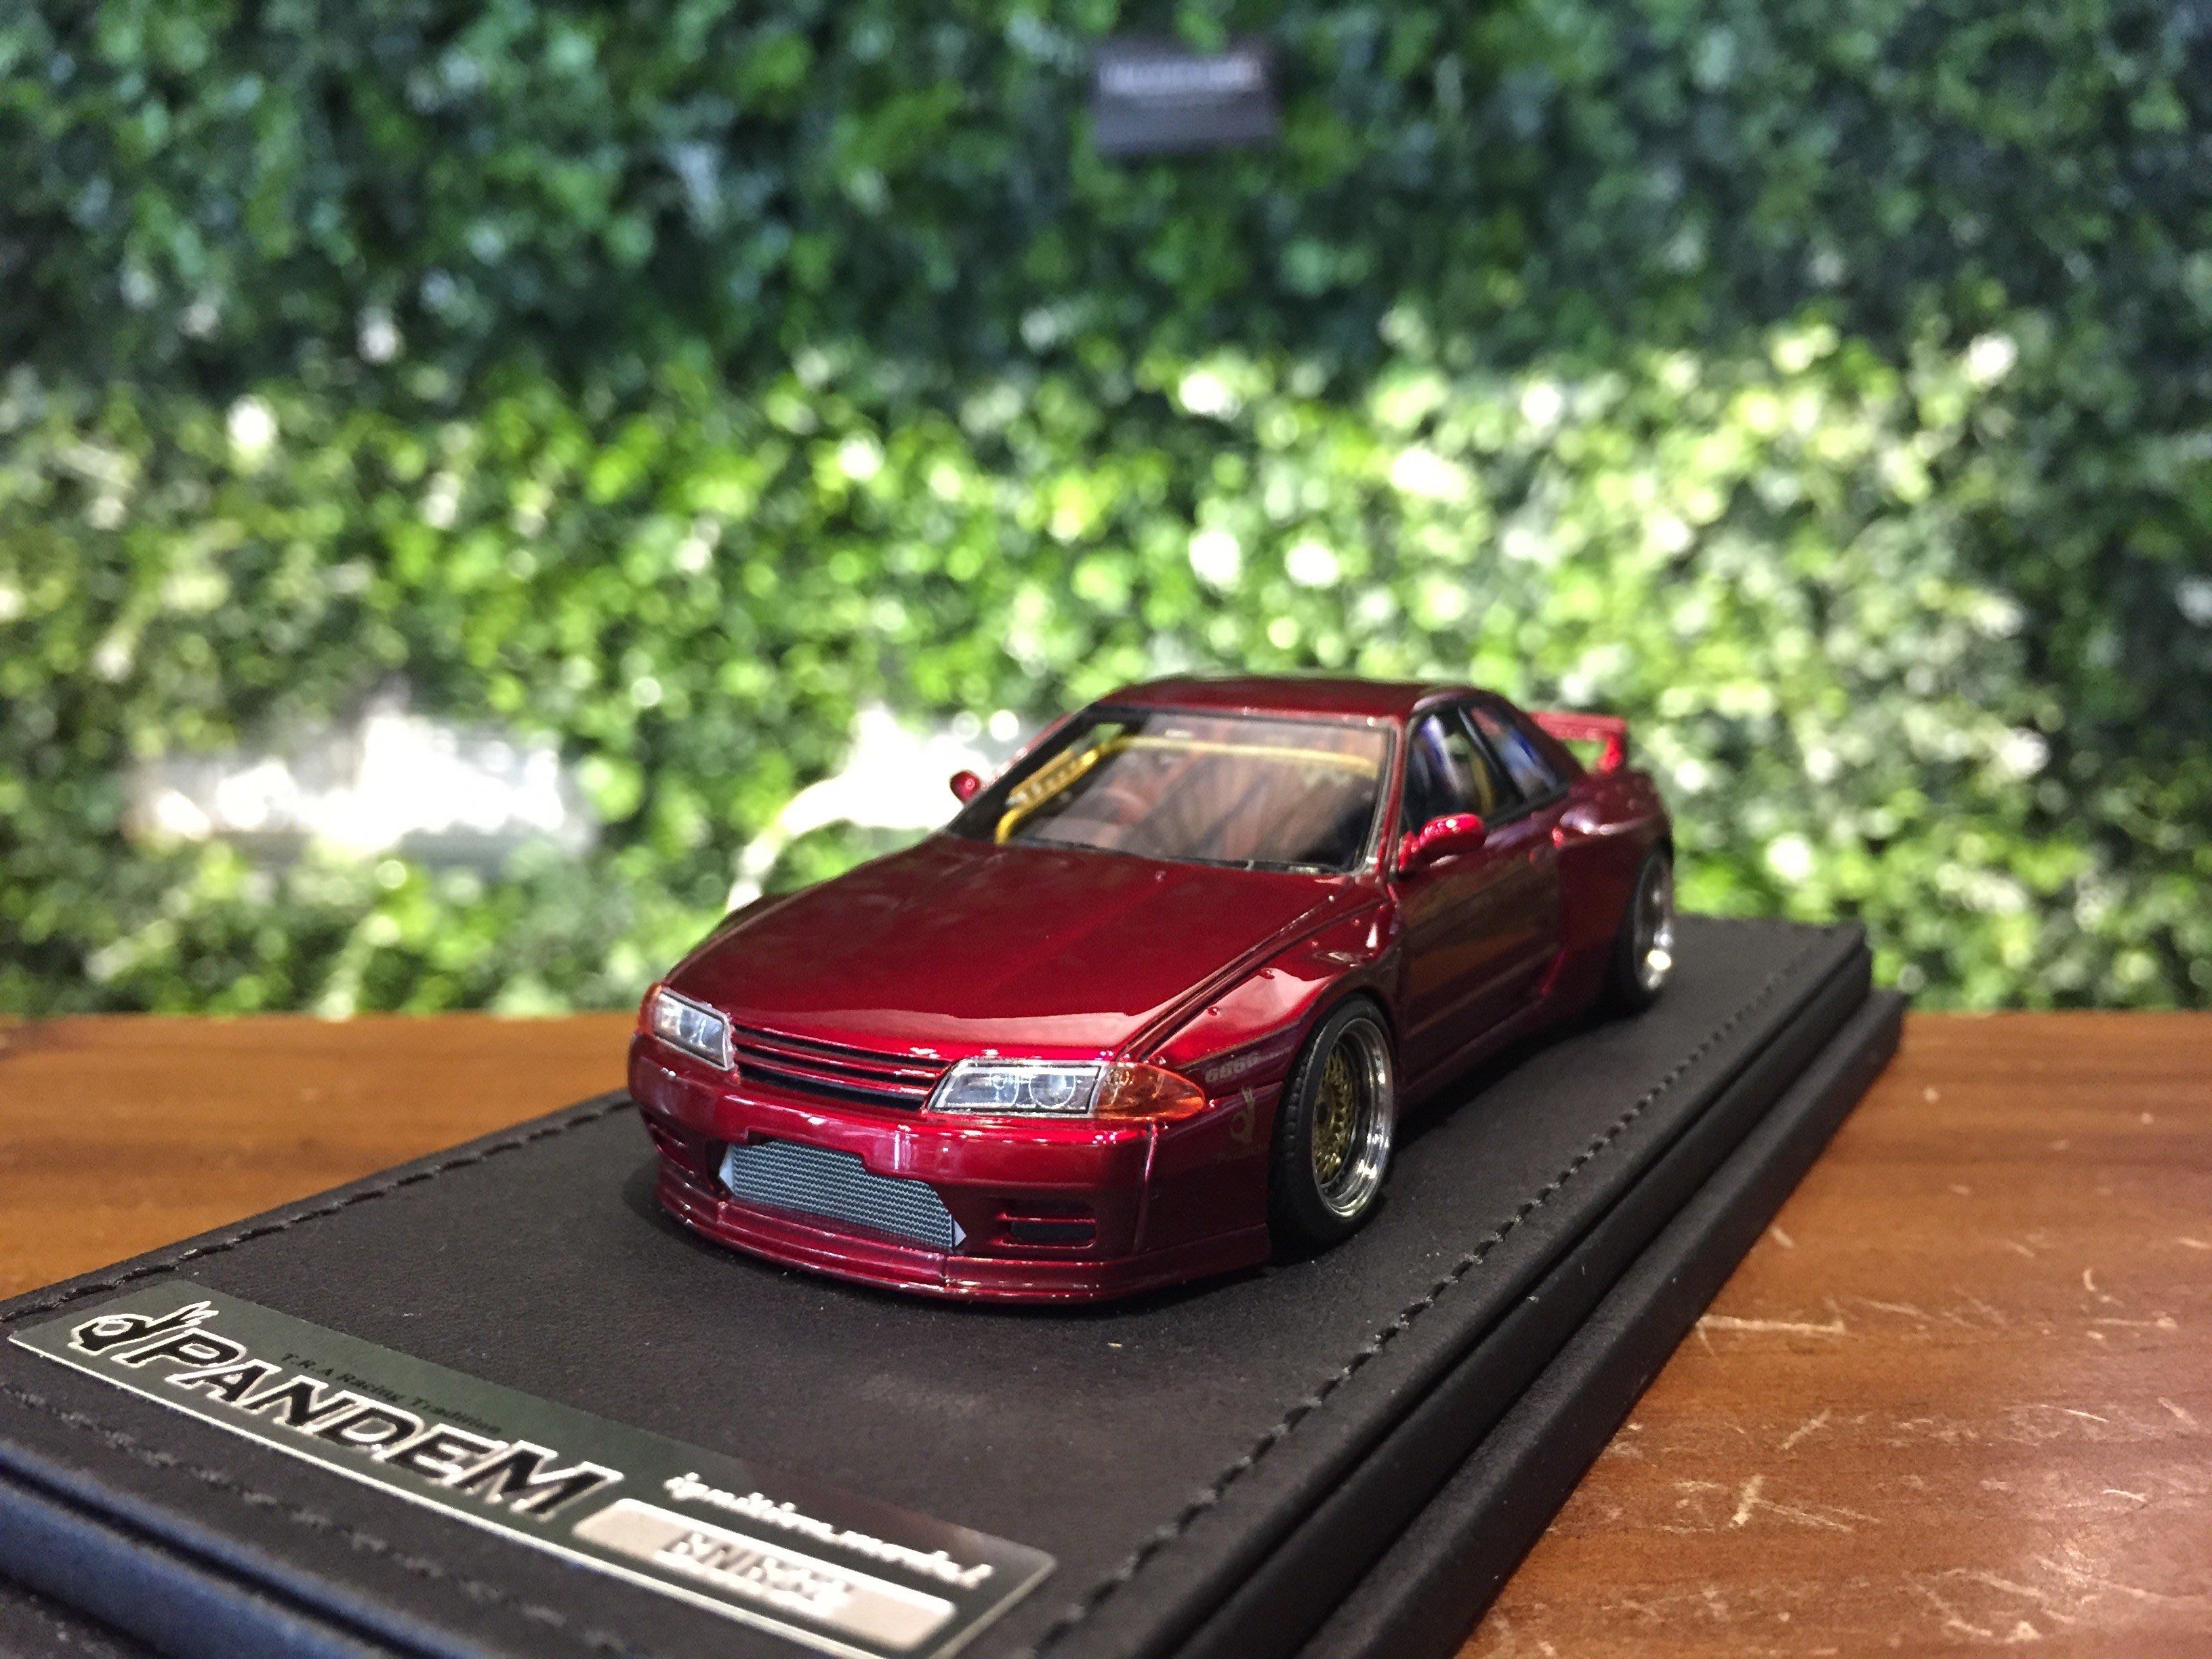 1/43 Ignition Model PANDEM GT-R (BNR32) Red IG1335【MGM】